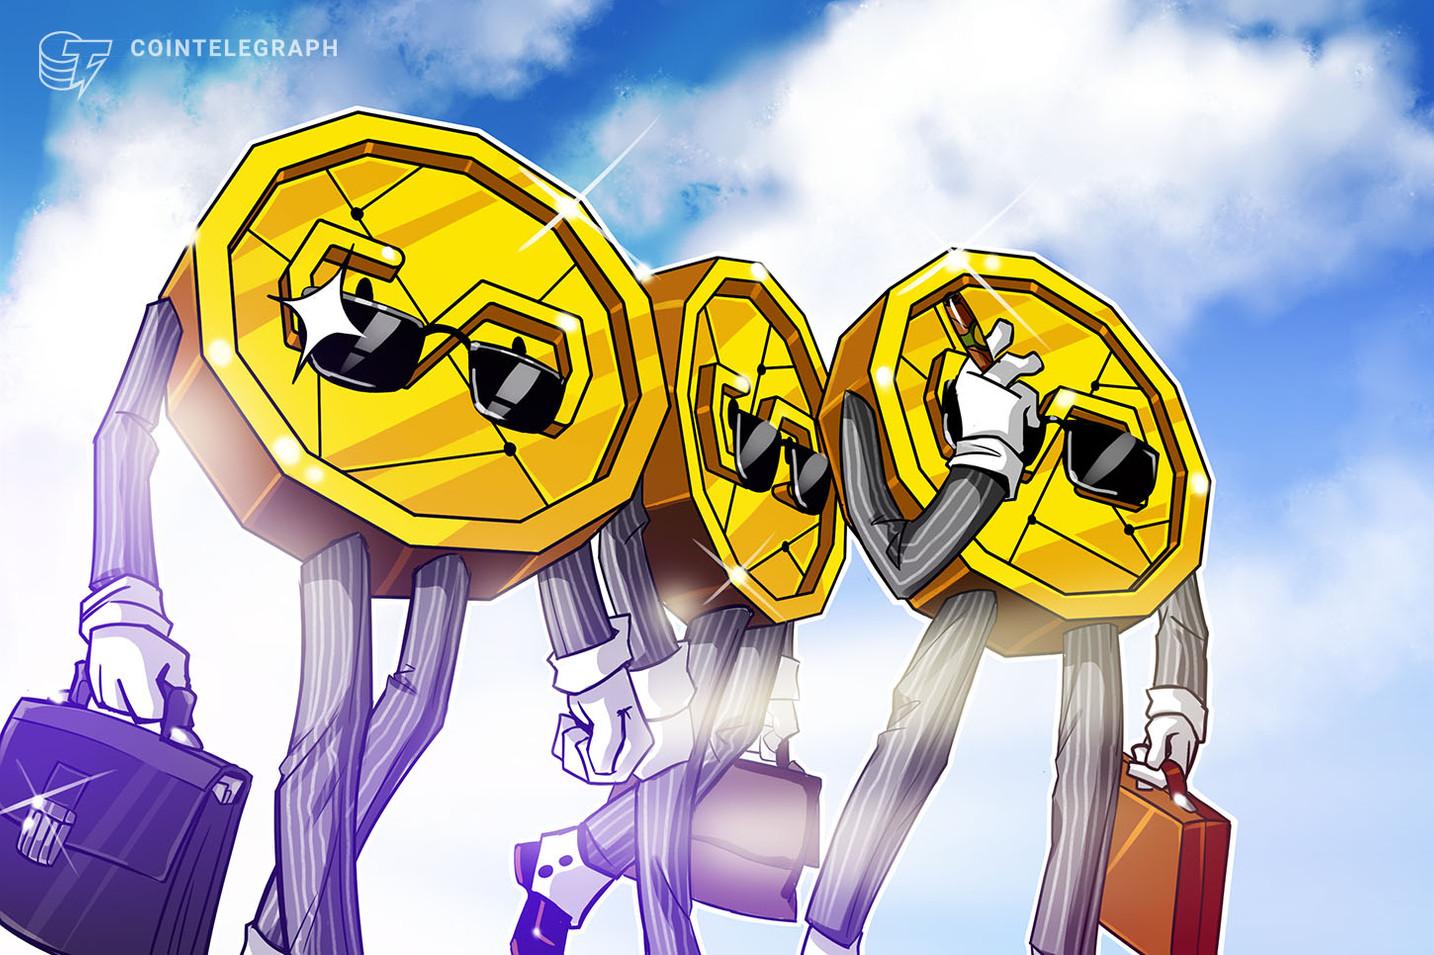 Uphold anuncia expansión de su cartera de stablecoins